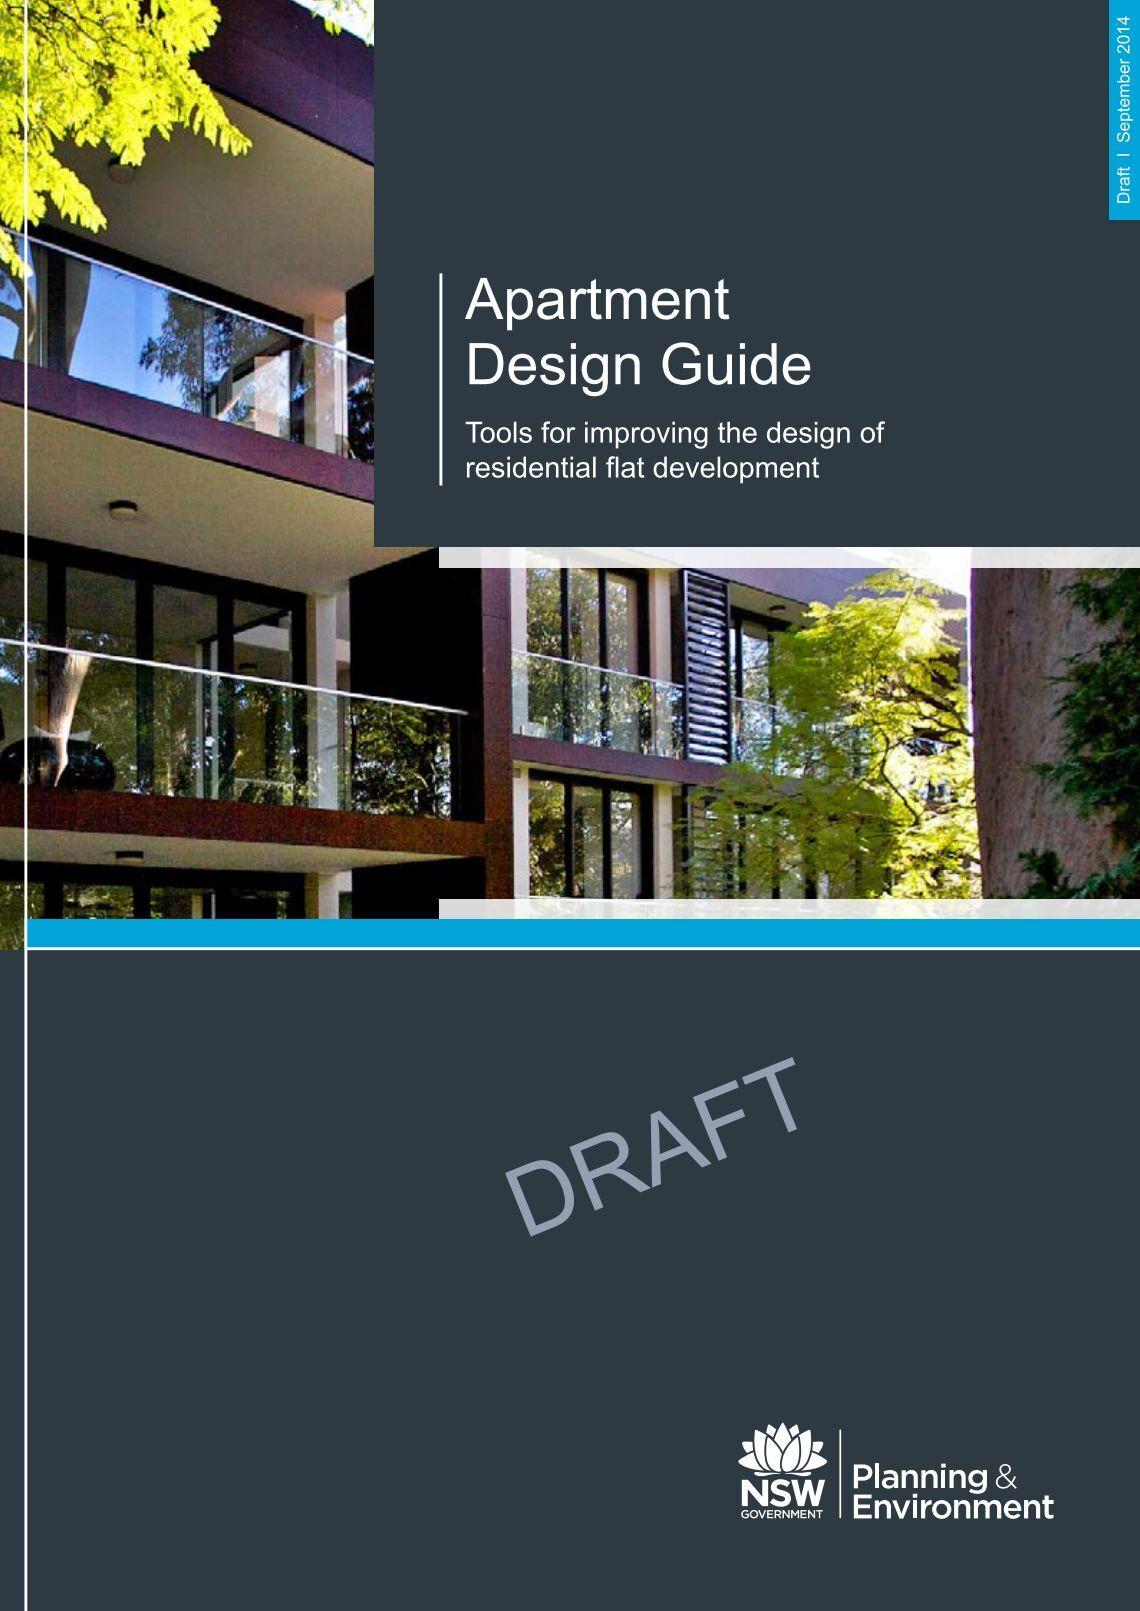 Apartment Design Guide